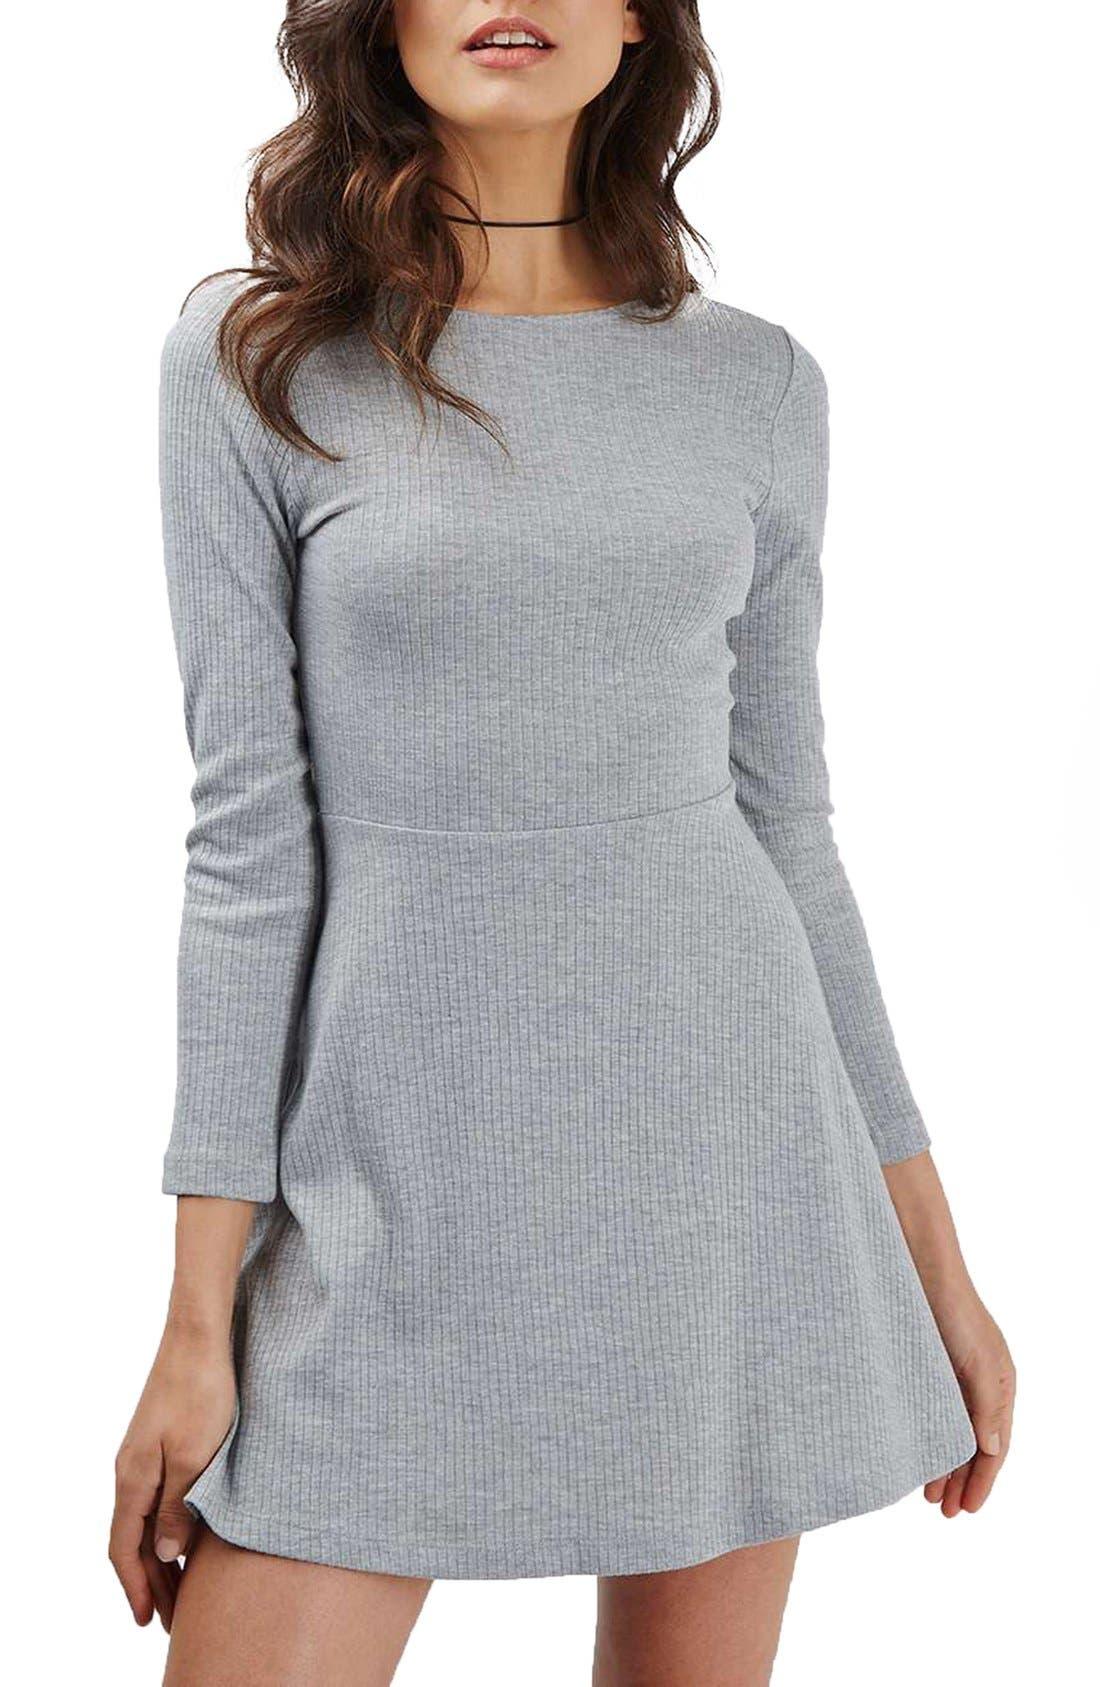 Main Image - Topshop Lace-Up Back Skater Dress